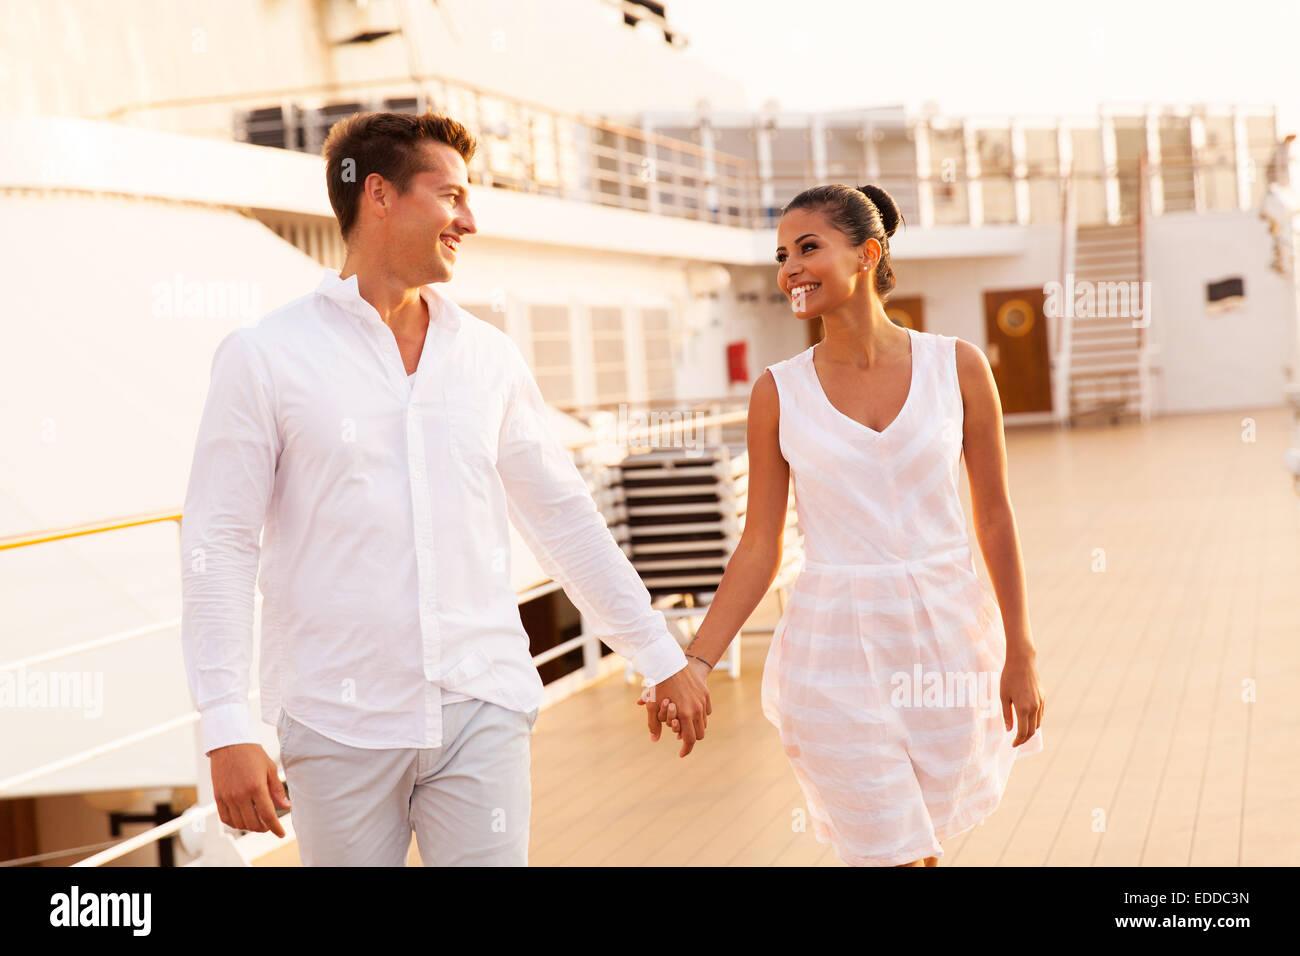 Alegre pareja joven caminando en crucero Imagen De Stock